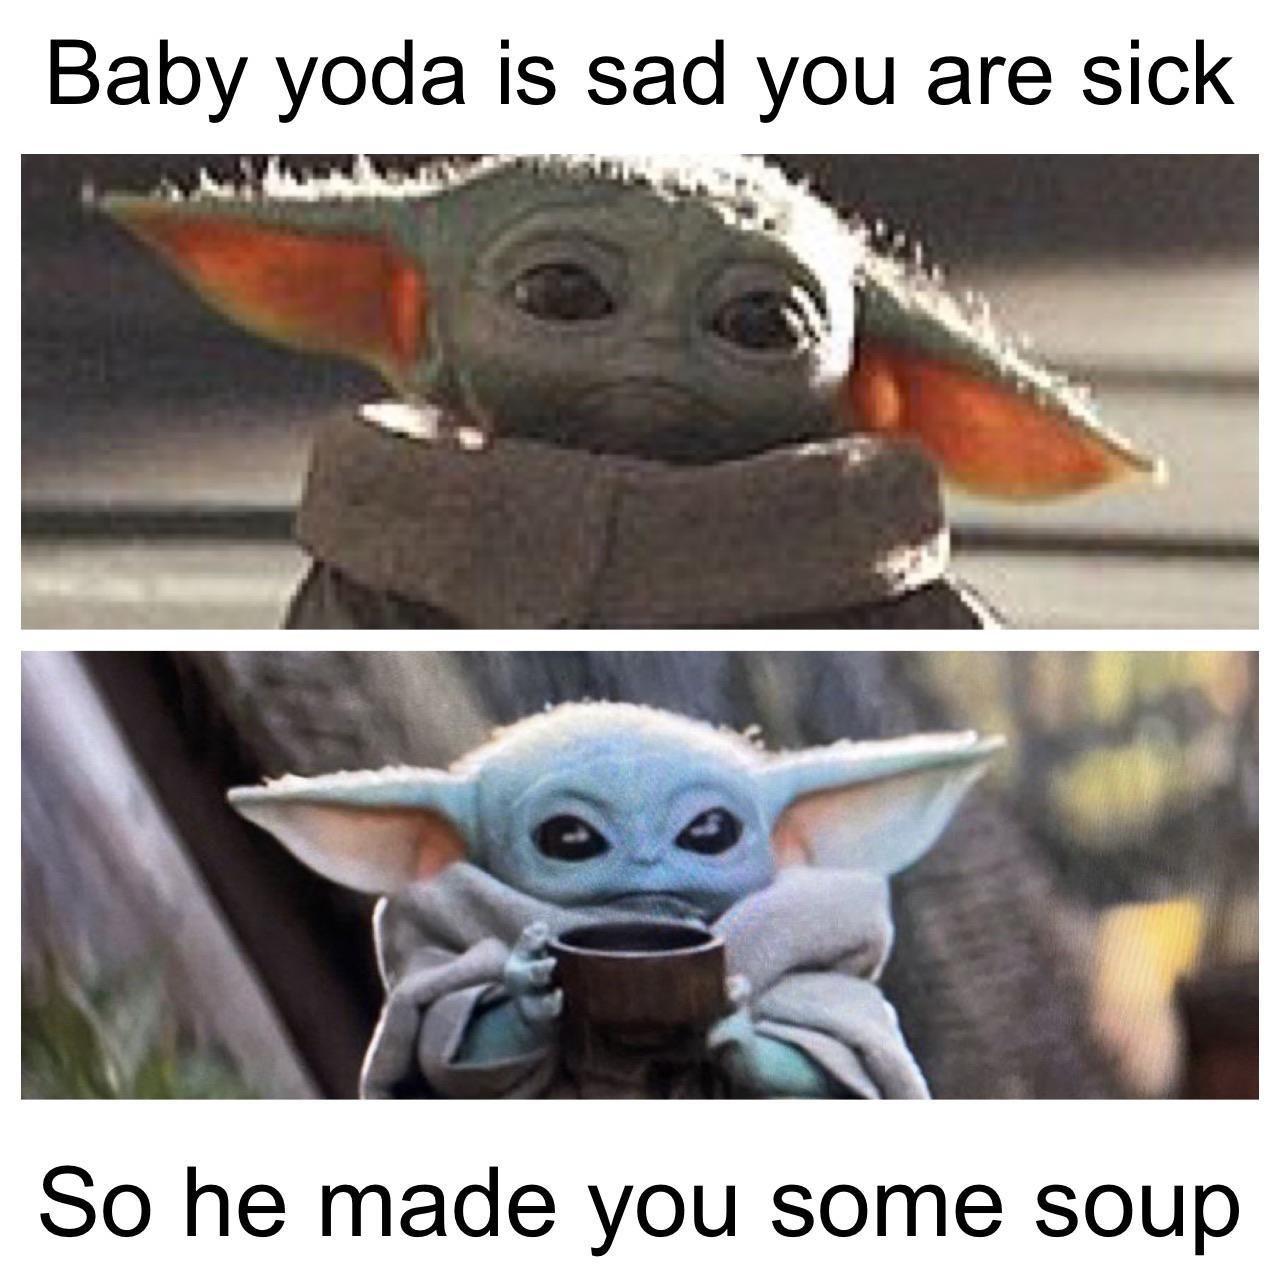 Baby Yoda Wants You To Feel Better Soon R Babyyoda Baby Yoda Grogu Yoda Funny Yoda Meme Star Wars Memes